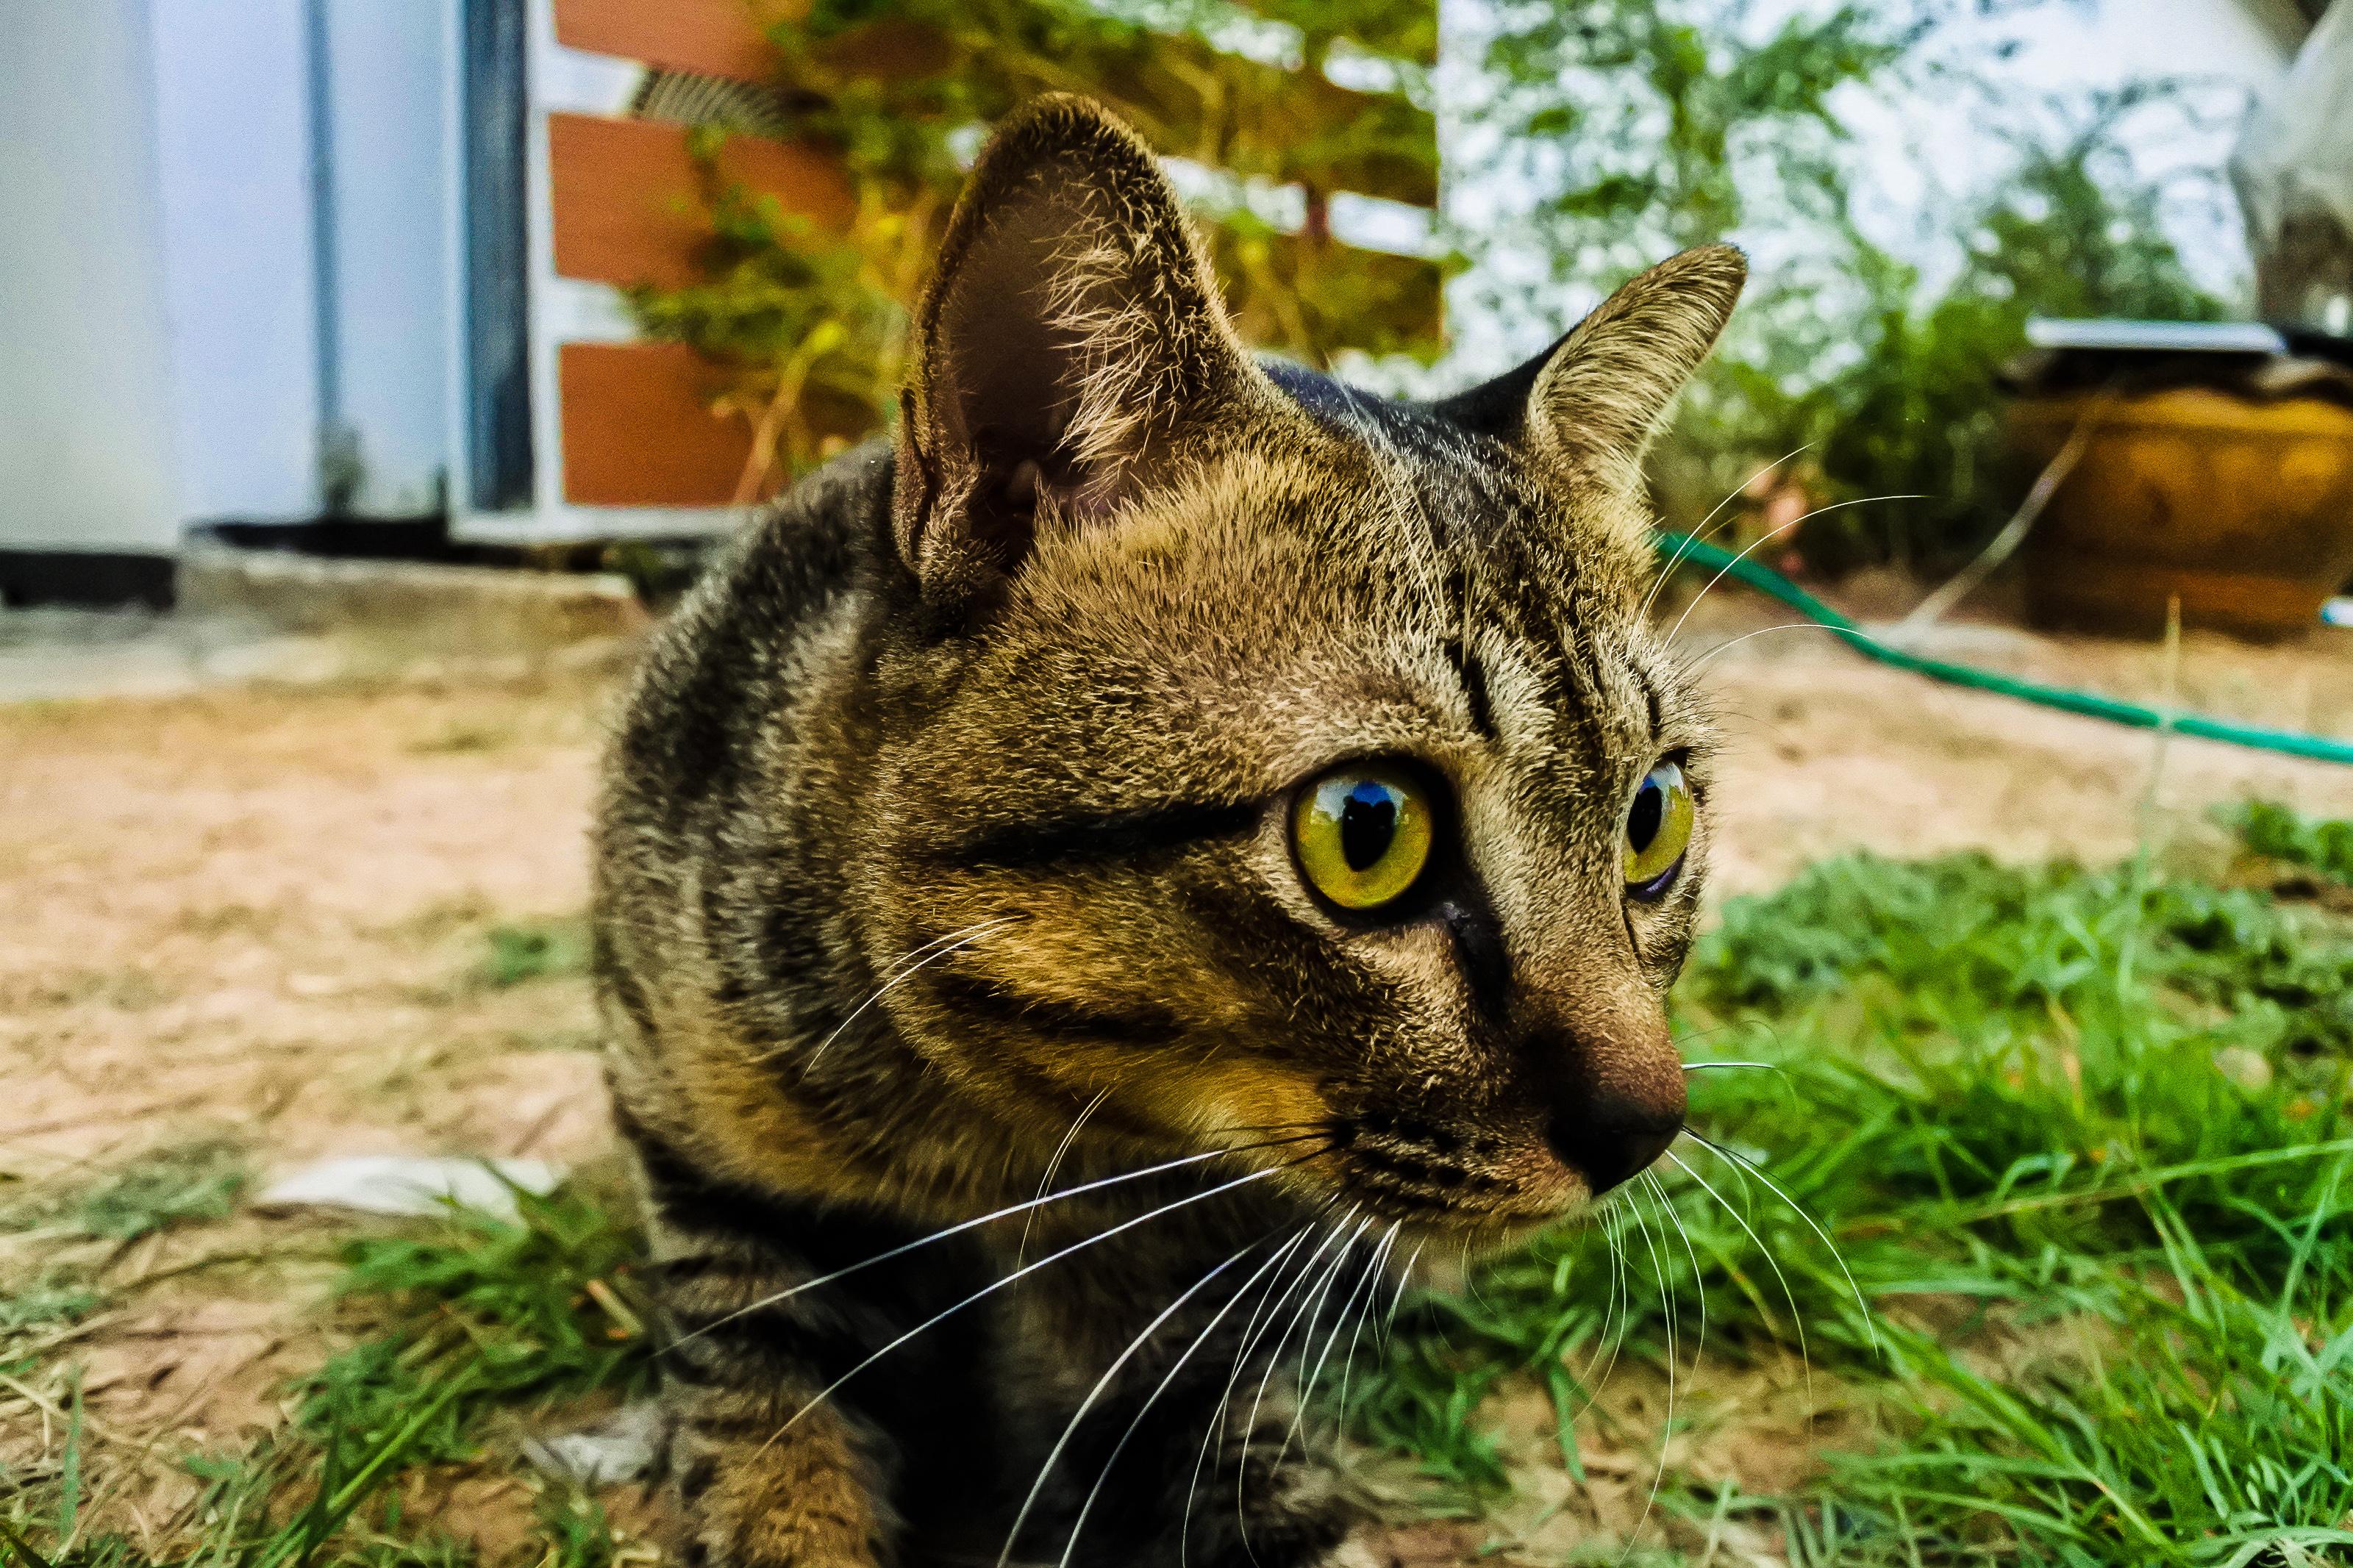 Download 52+ Background Cantik Kucing HD Paling Keren